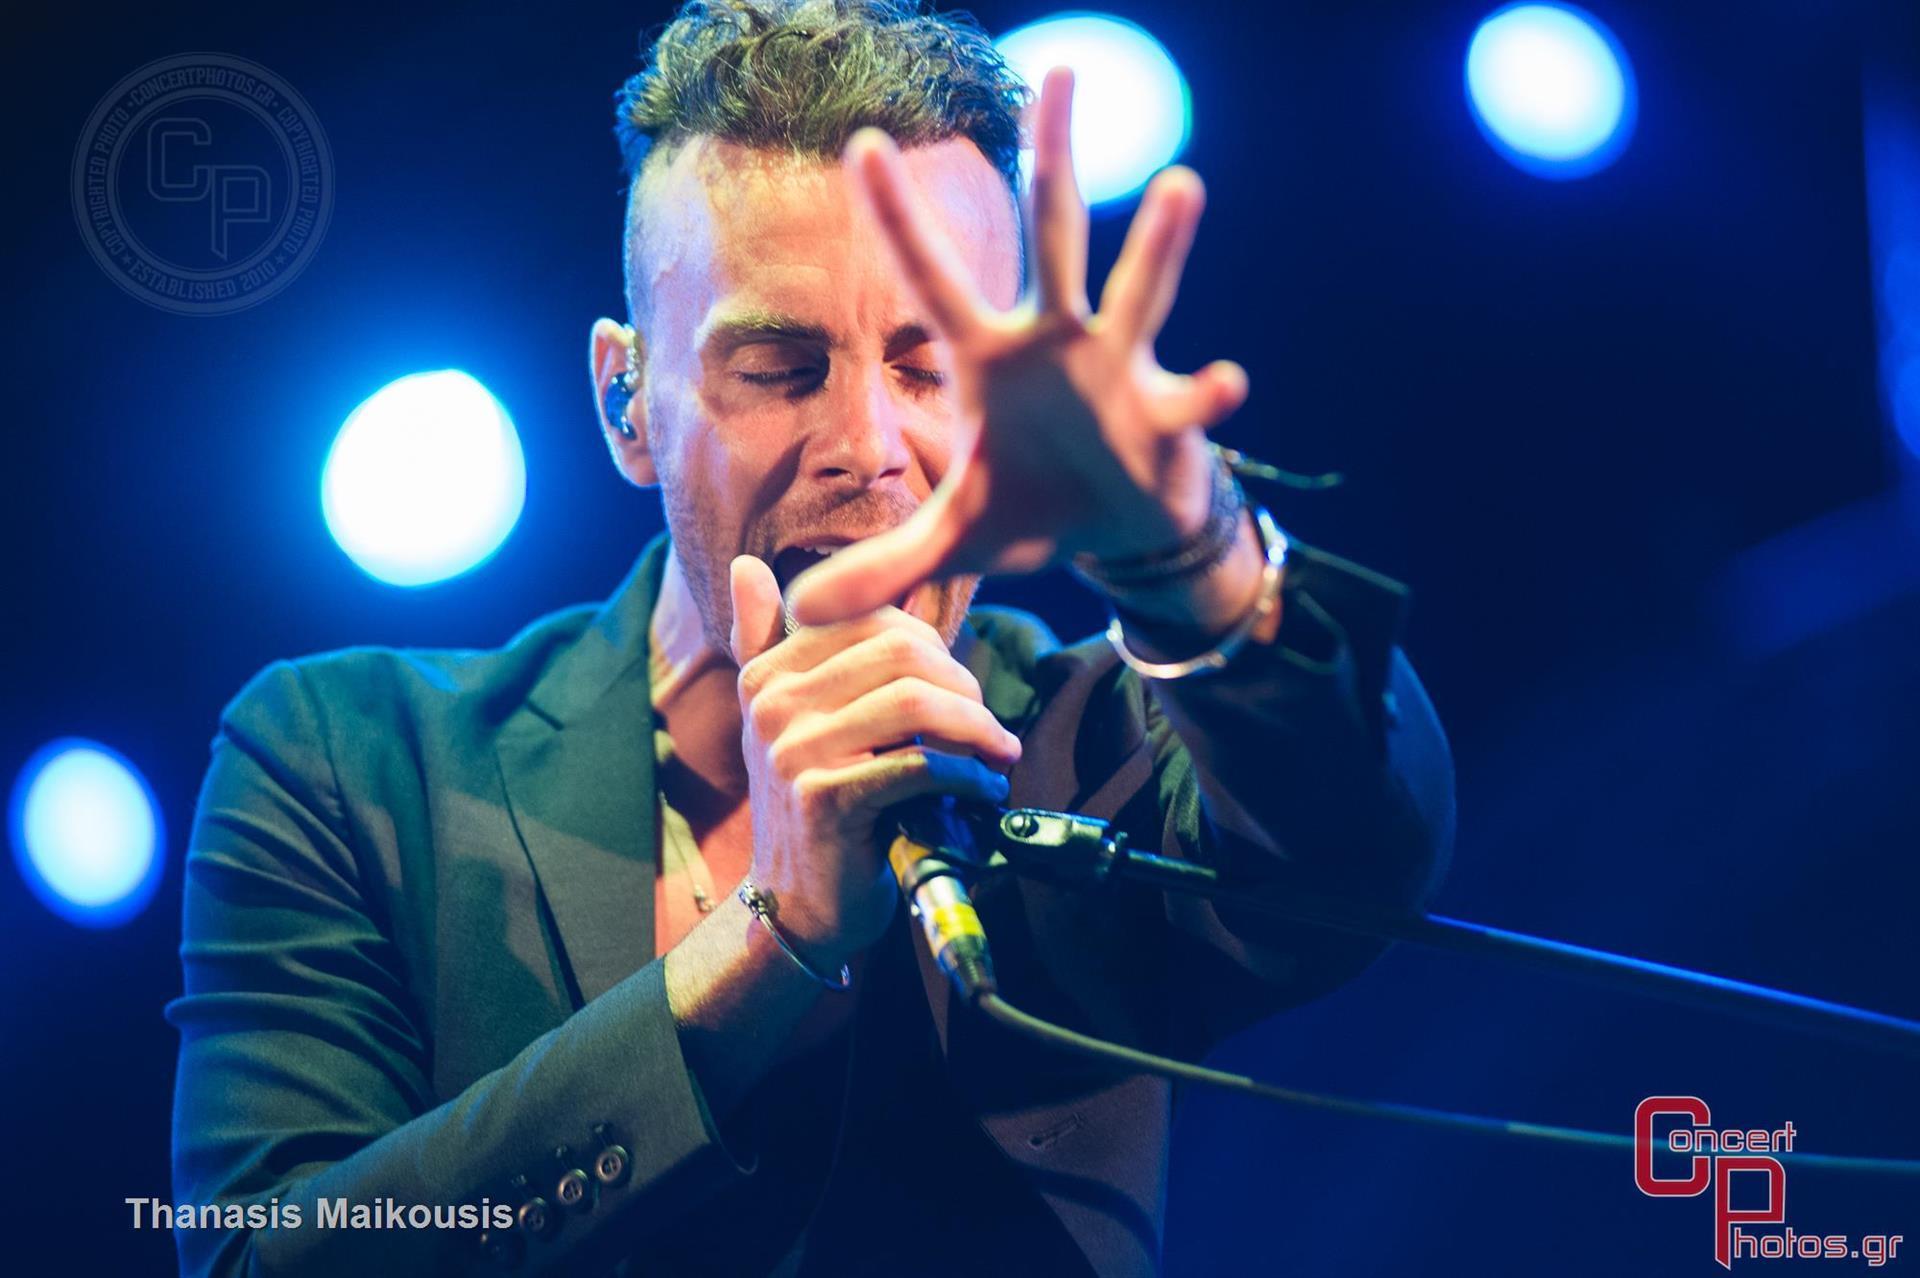 Asaf Avidan-Asaf Avidan photographer: Thanasis Maikousis - ConcertPhotos - 20150624_2100_05